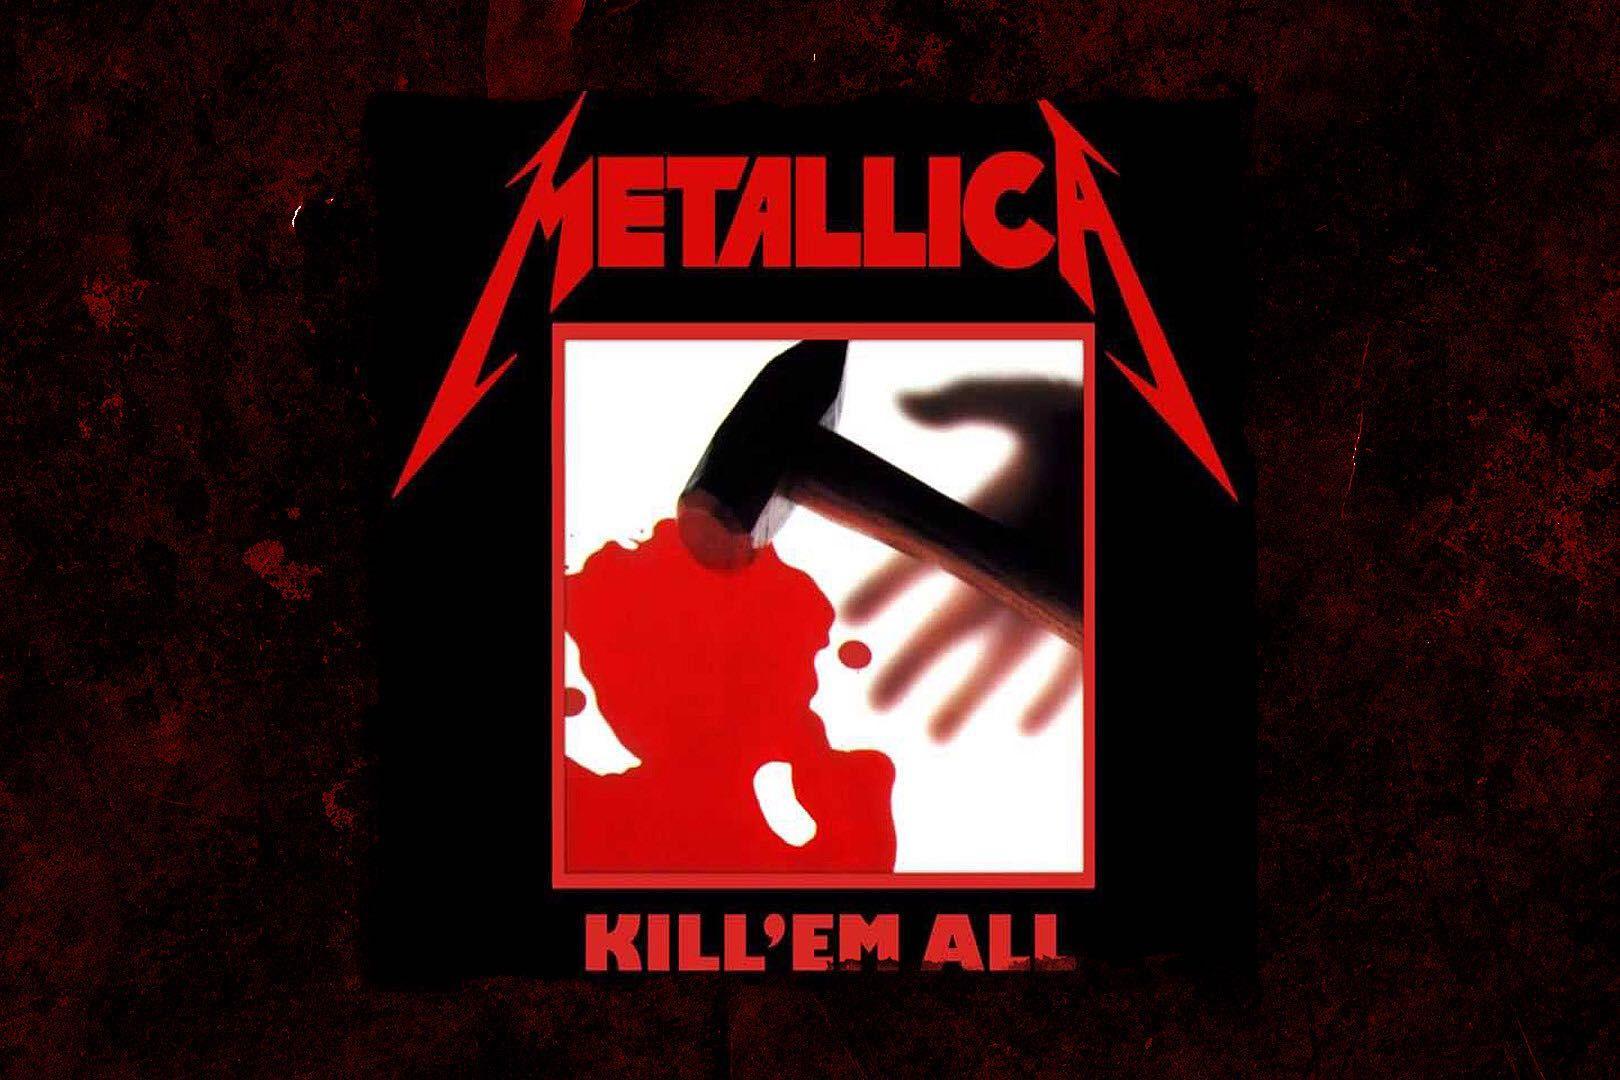 Metallica Kill 'Em All Wallpapers - Wallpaper Cave